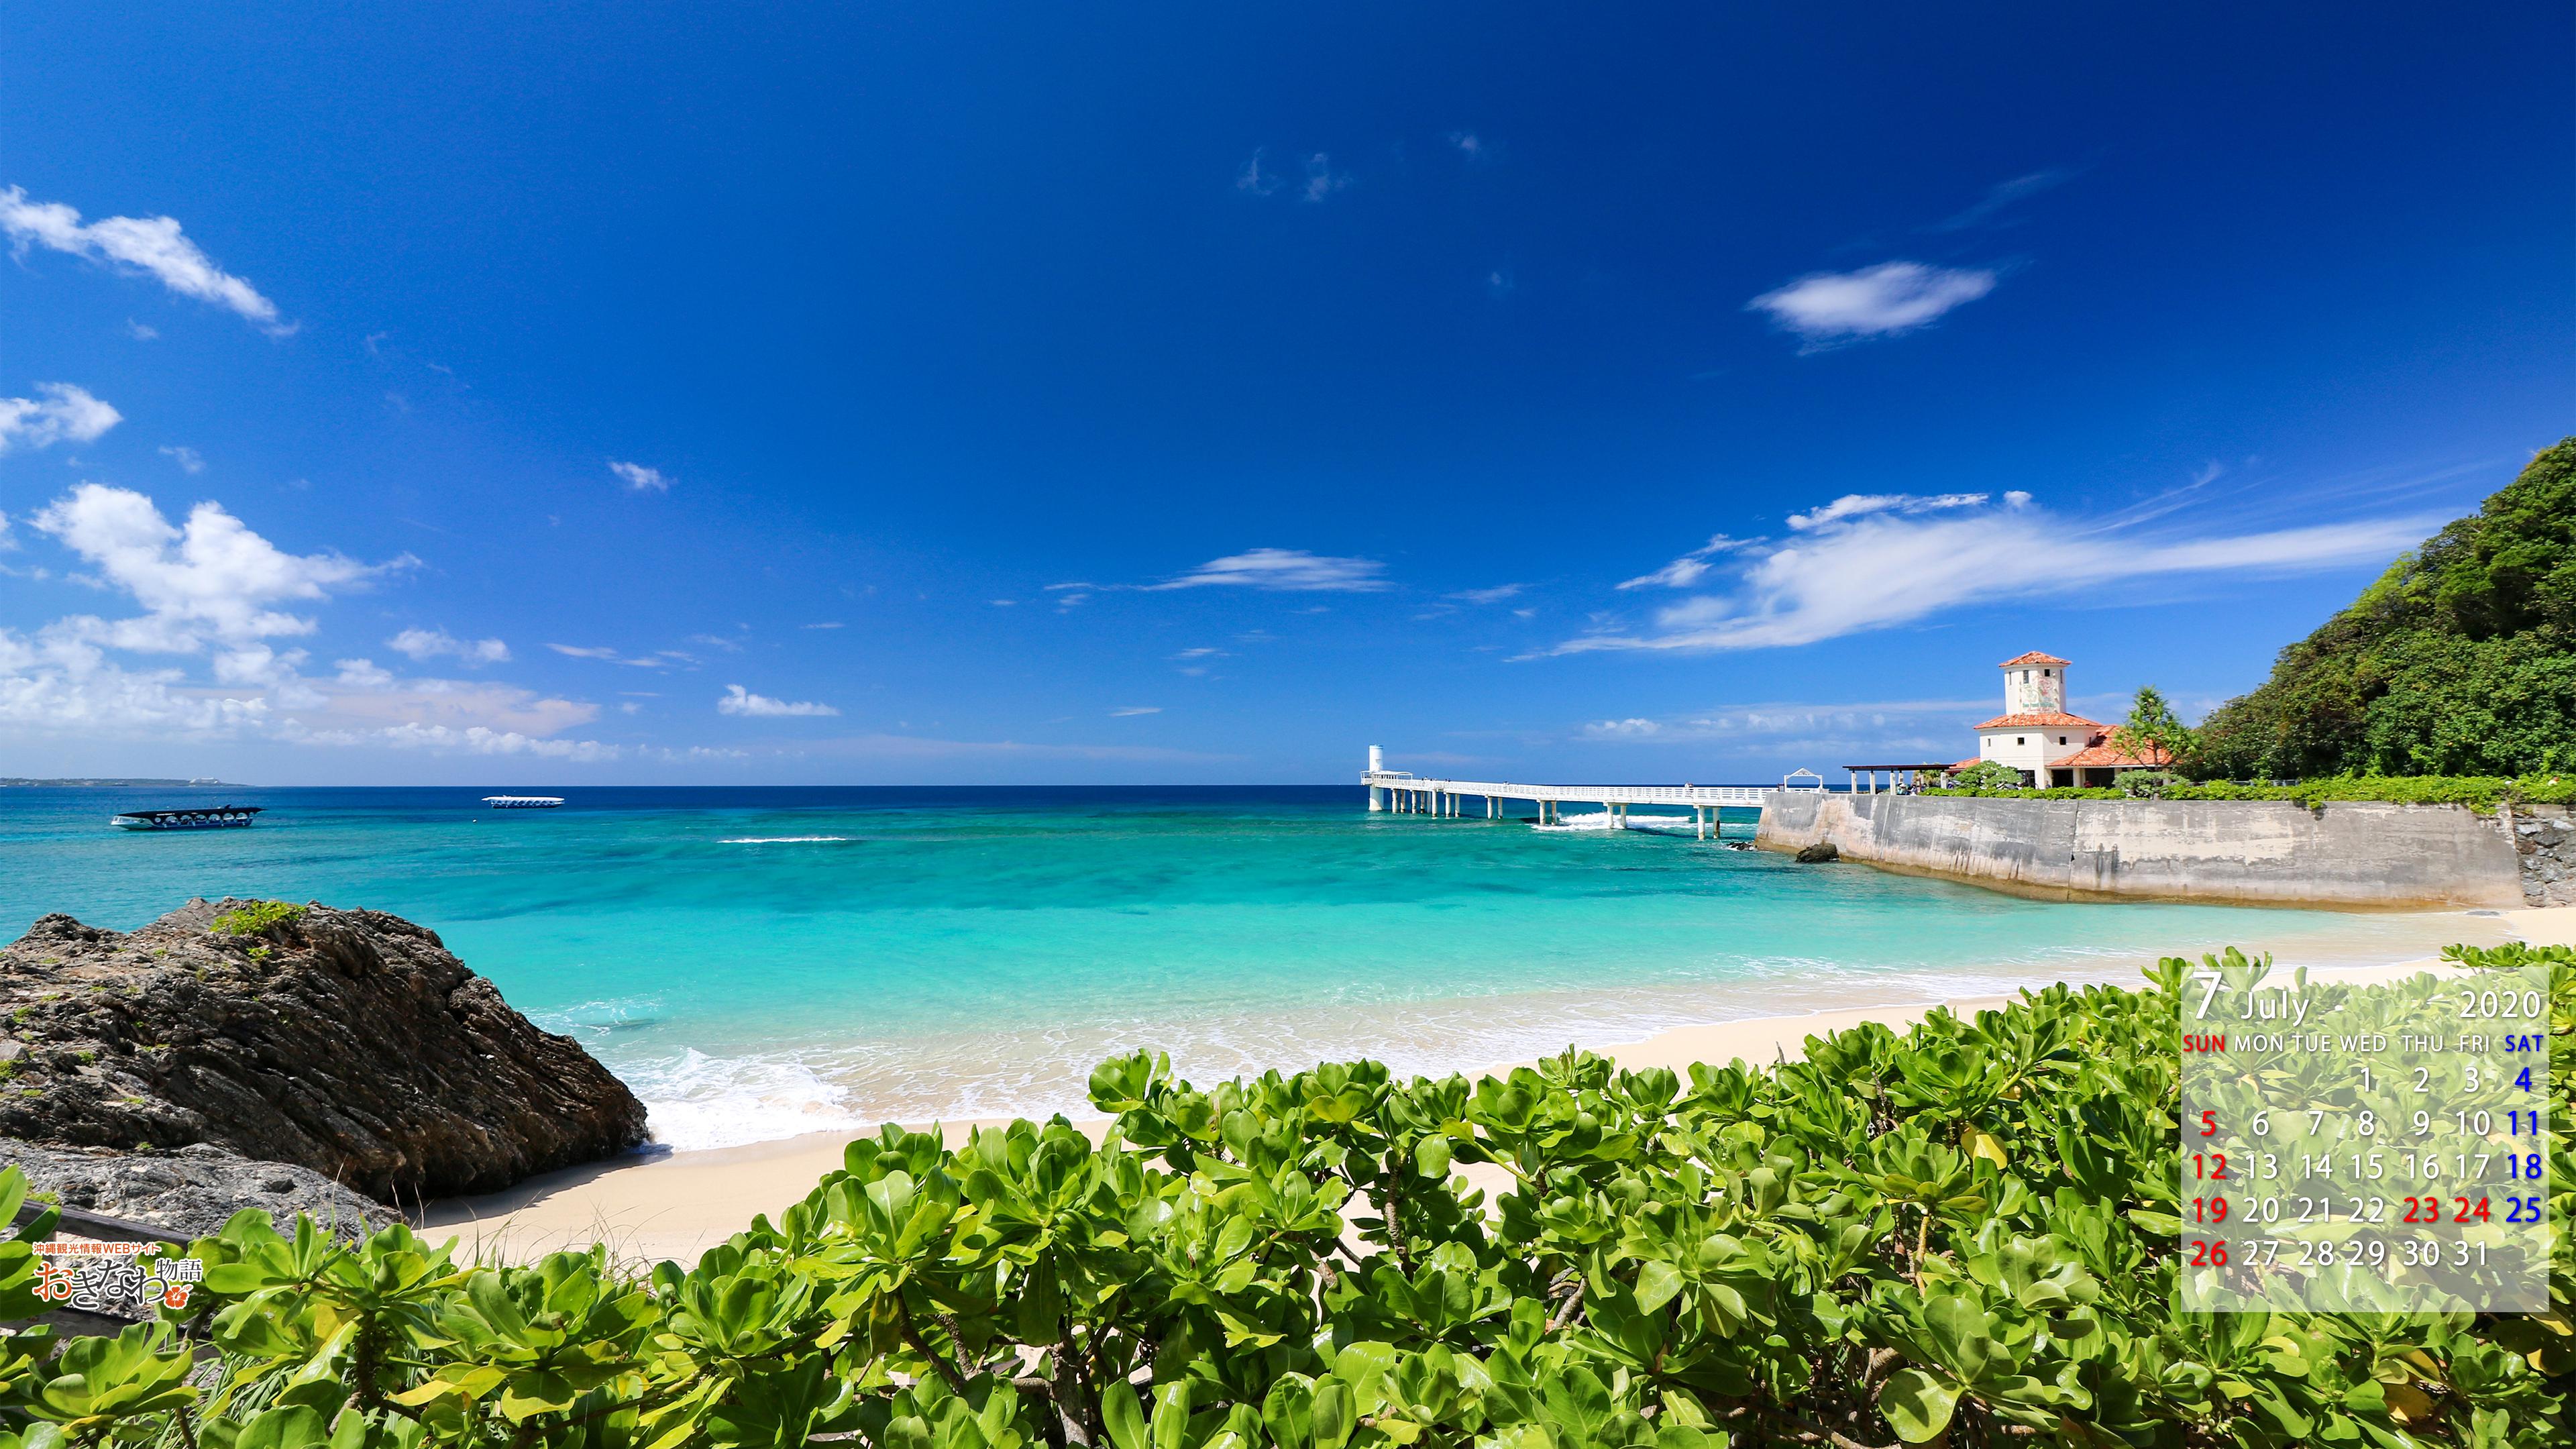 7月の壁紙カレンダー お知らせ トピックス 沖縄観光情報webサイト おきなわ物語